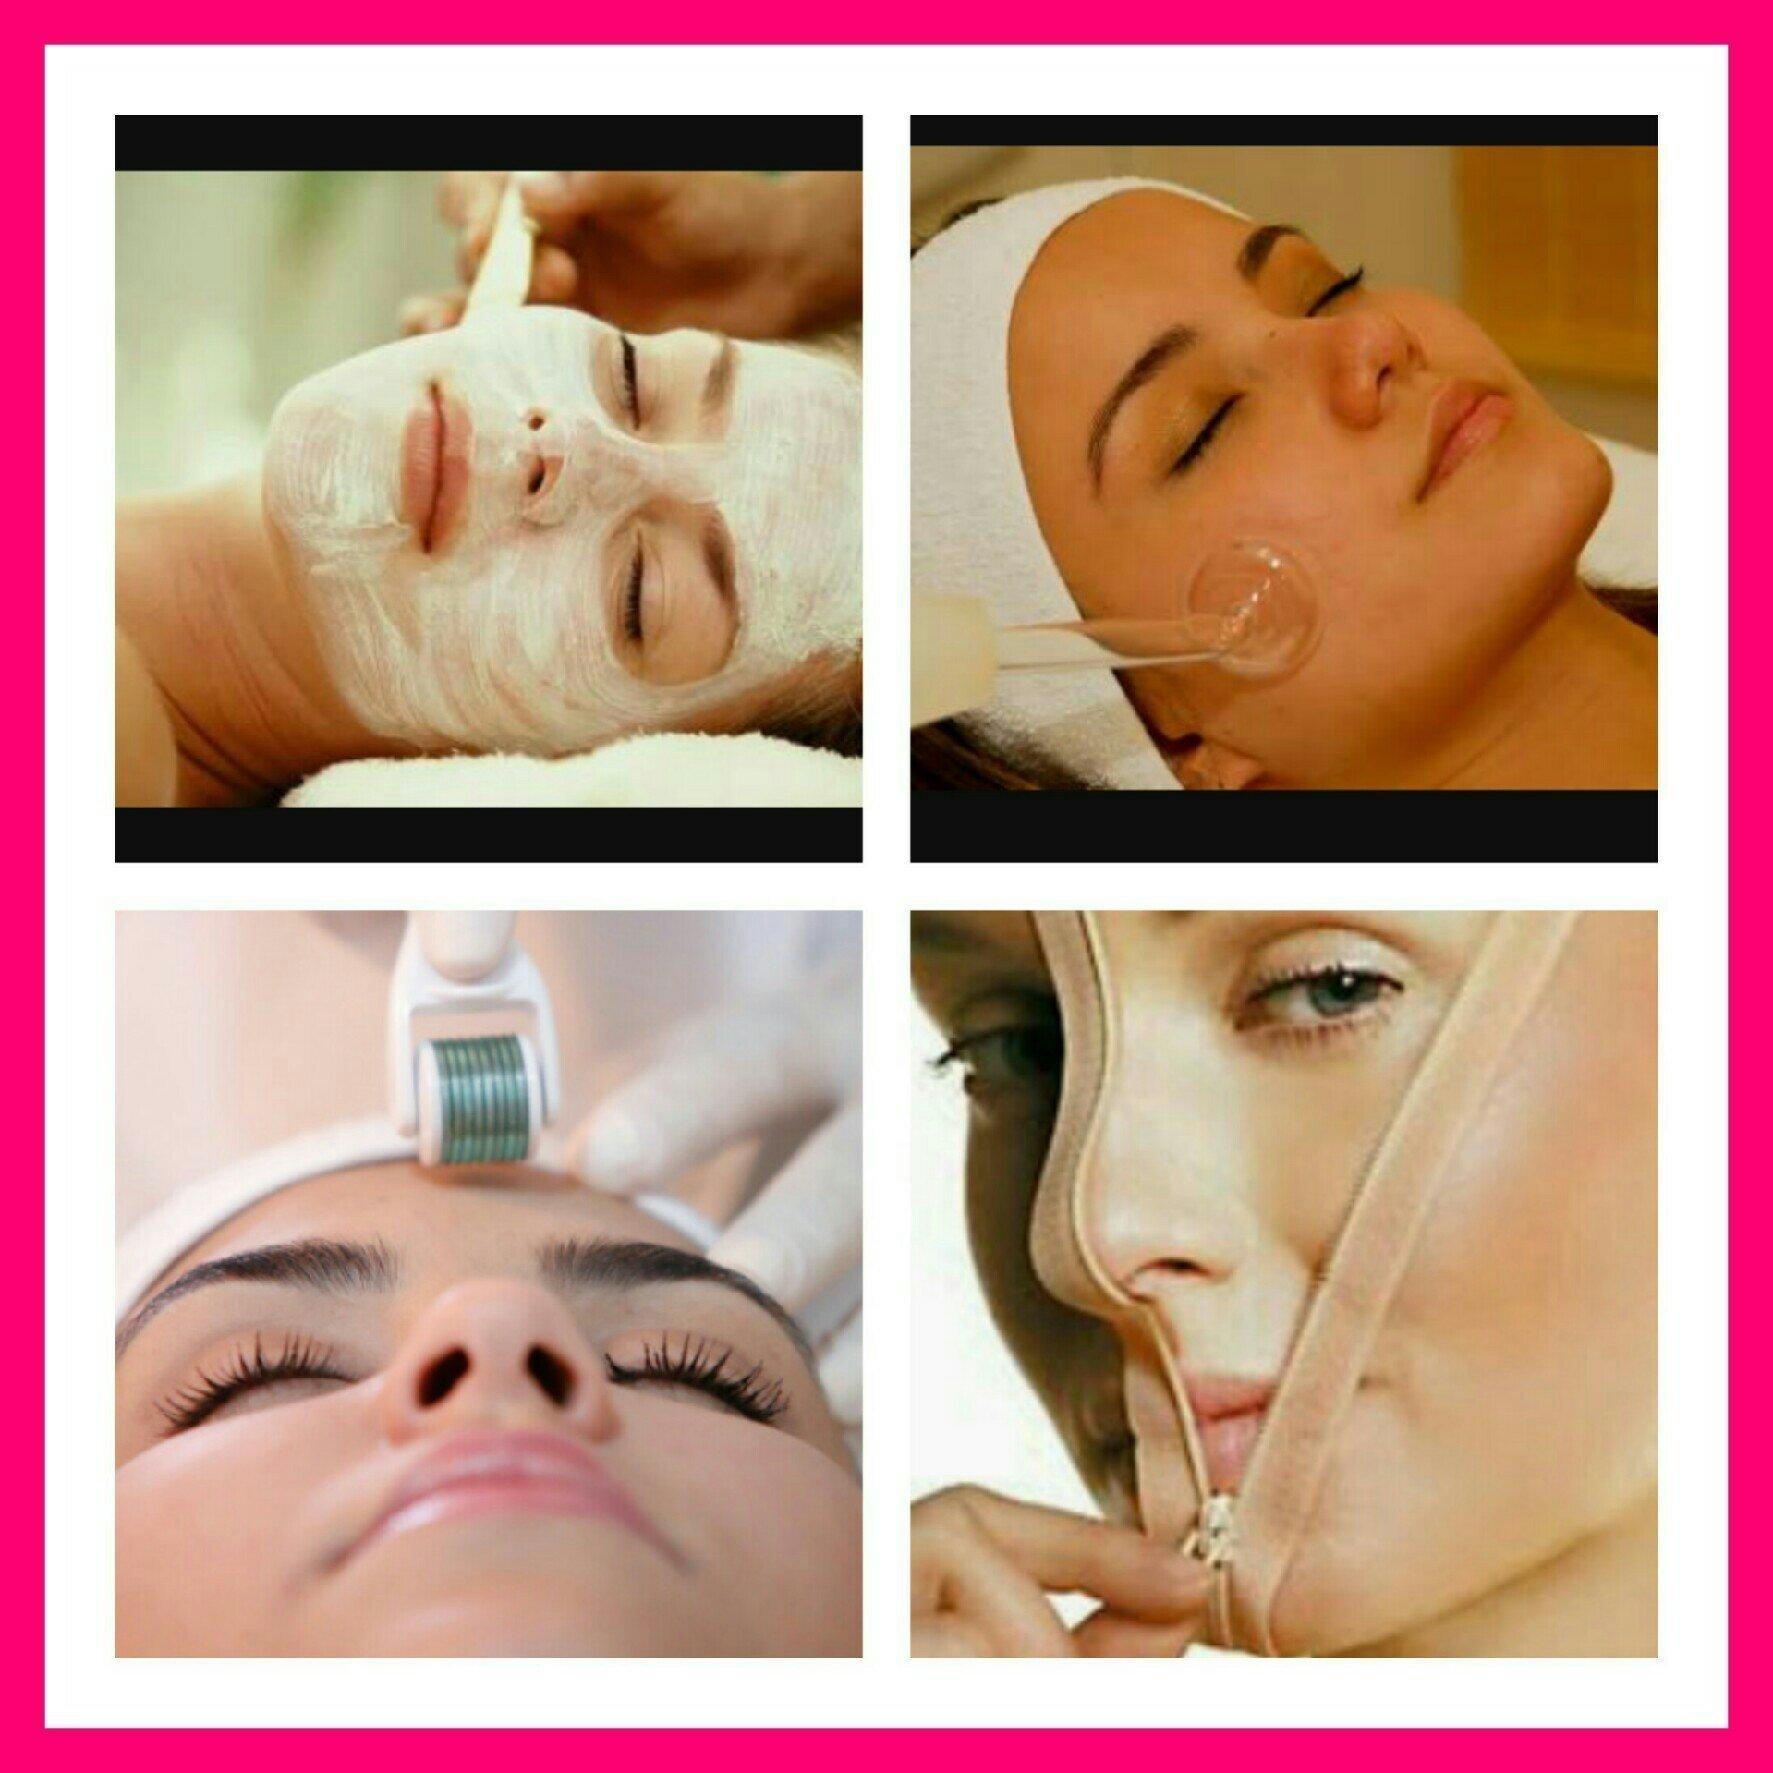 Tratamentos cicatrizes de acne, manchas, melasma, com Microagulhamento e Peeling. estética